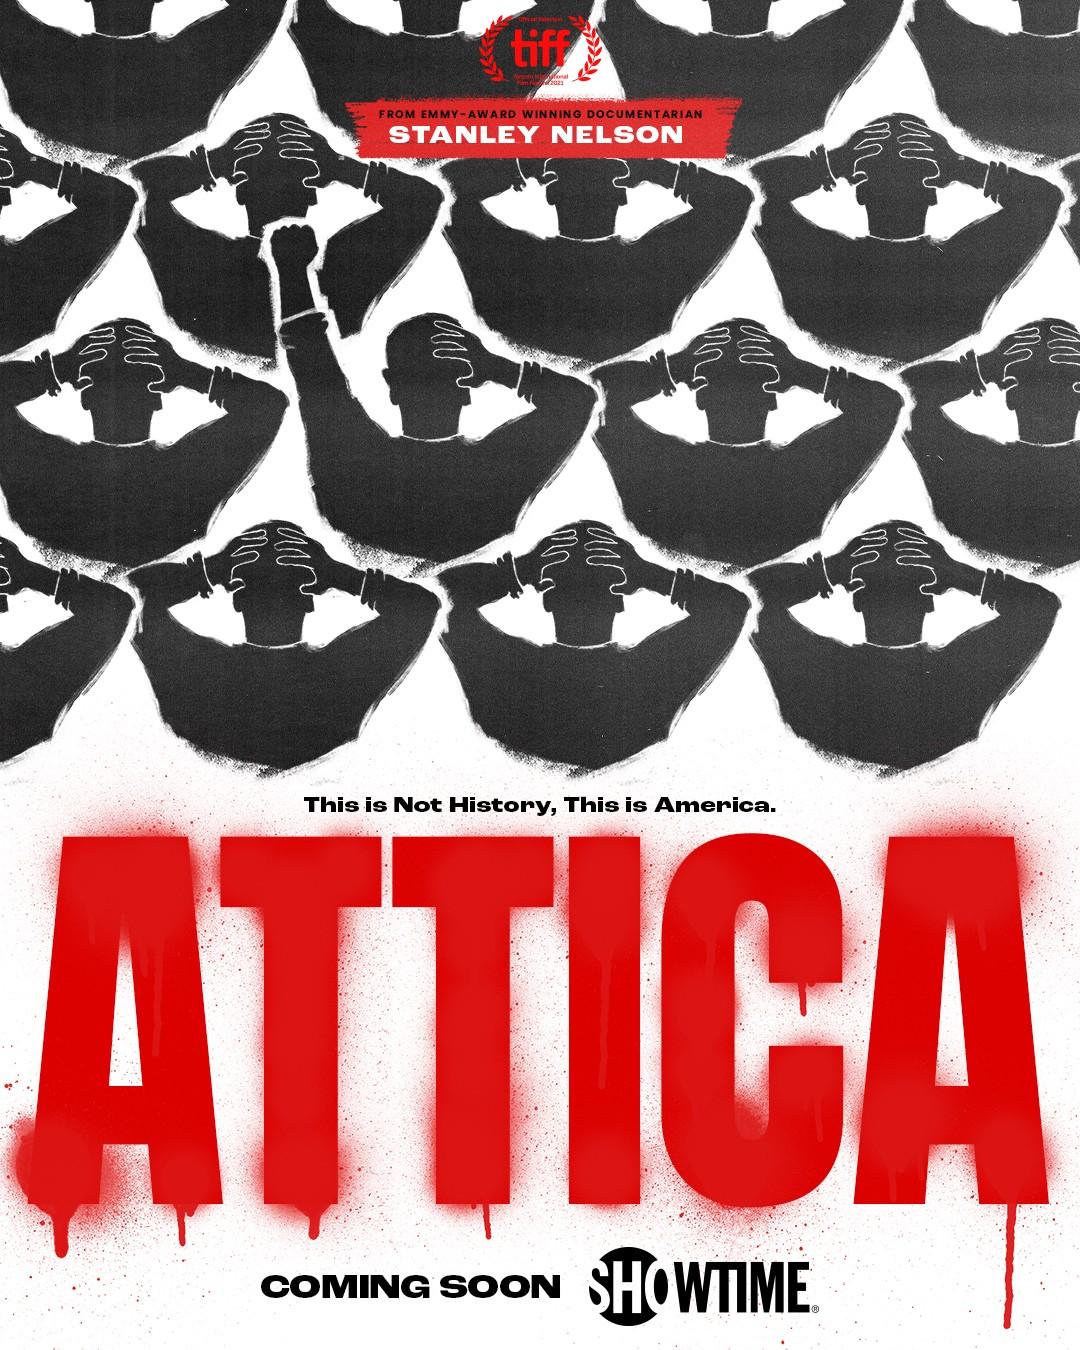 Poster for Attica